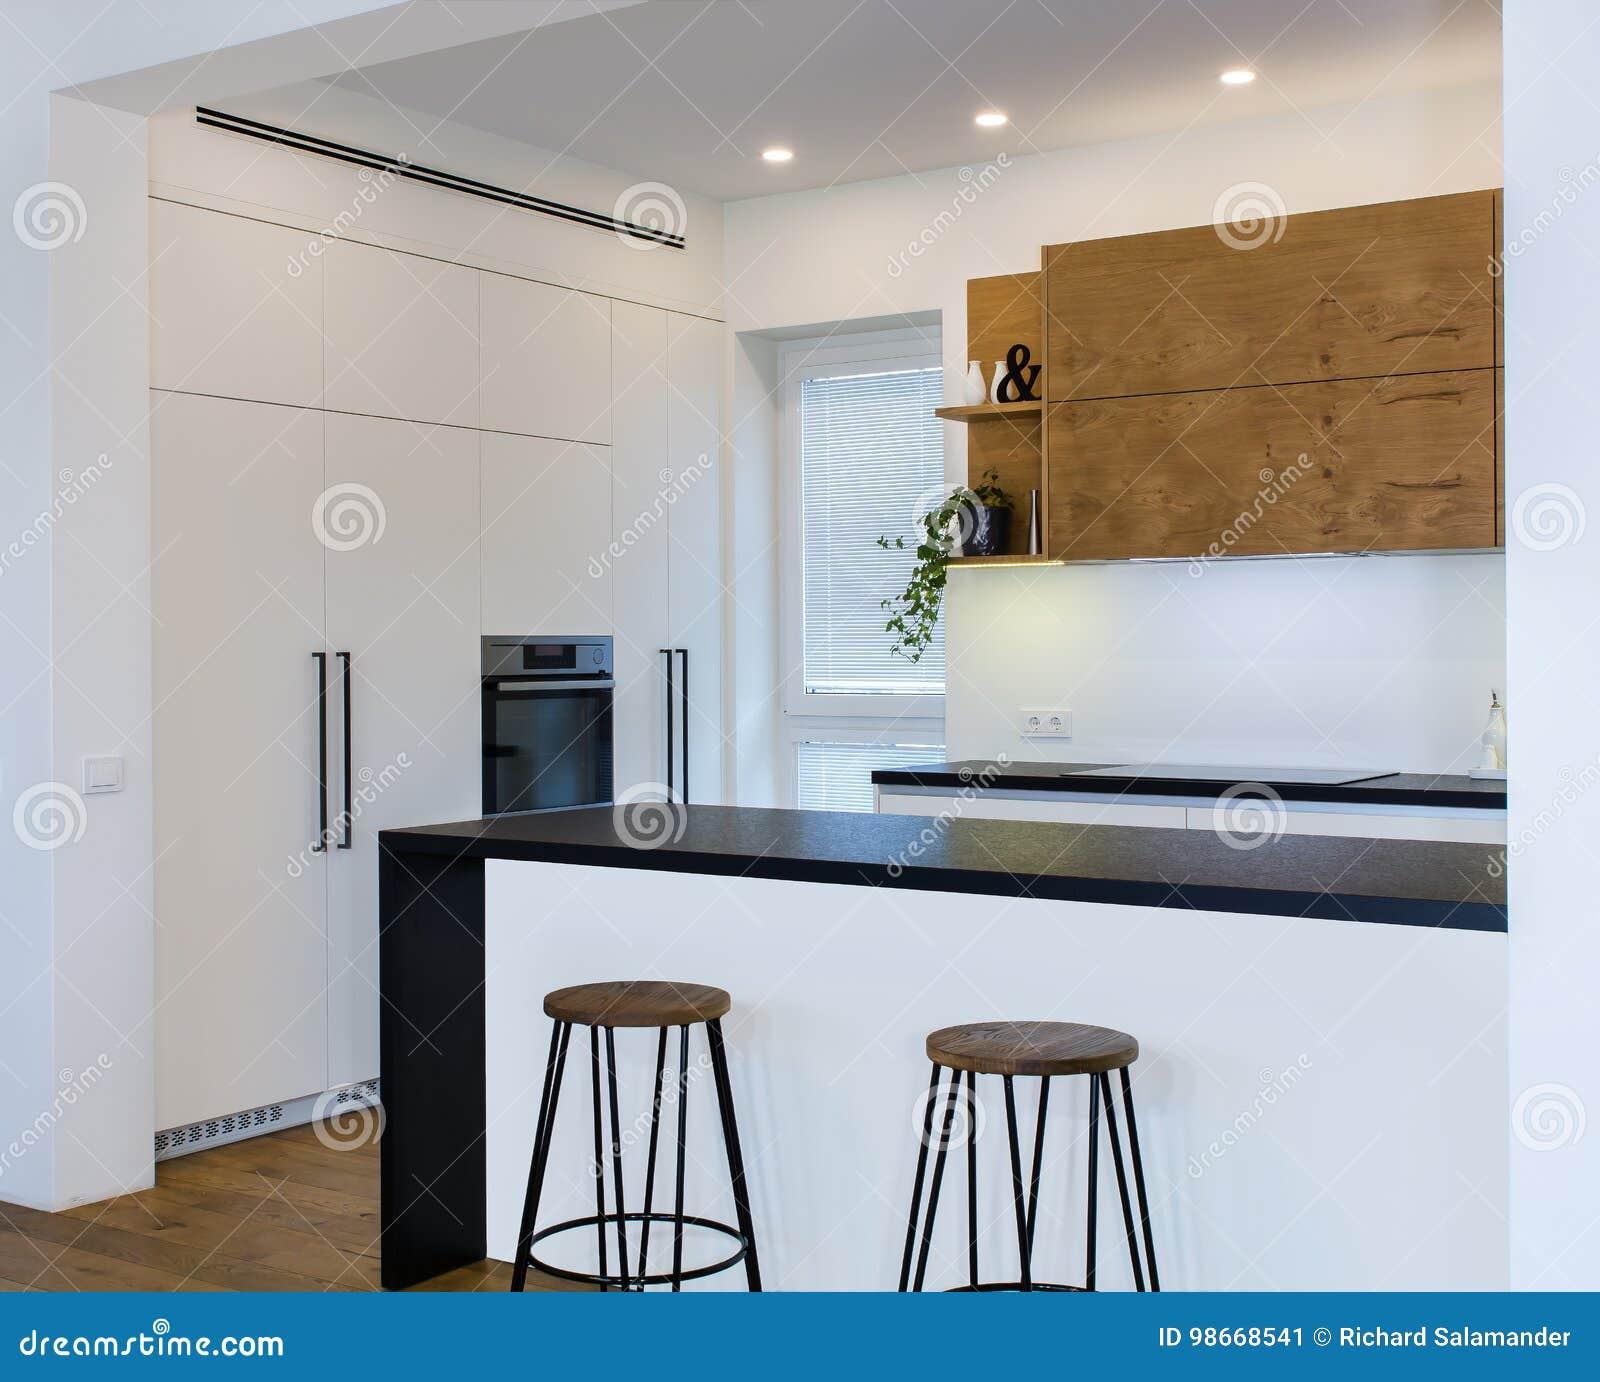 Conception moderne de cuisine dans l intérieur léger avec les accents en bois